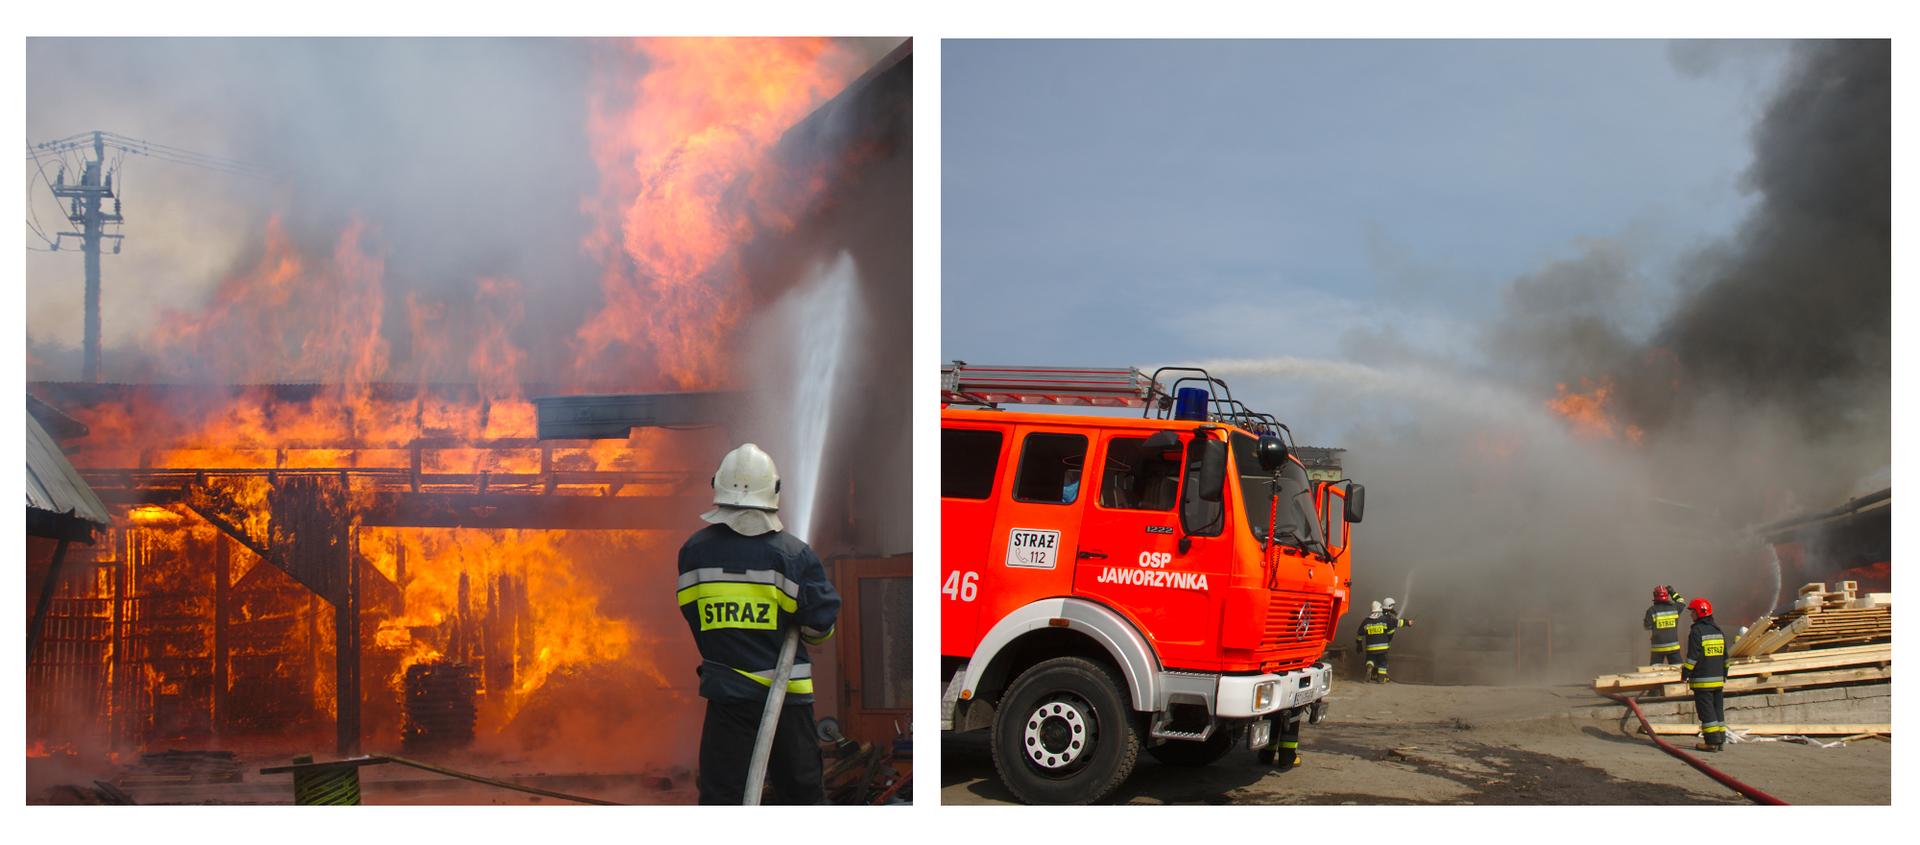 Ilustracja składa się zdwóch zdjęć. Pierwsze zlewej przedstawia gaszenie pożaru dużego budynku, obecnie wcałości płonącego. Przez ogień przebija się ciemny szkielet konstrukcyjny oraz resztki dachu. Po prawej stronie zdjęcia strażak. Strażak stoi itrzyma wąż strażacki. Wąż trzymany jest pod prawym ramieniem. Zwęża wydobywa się silny strumień wody kierowany wgórę wstronę pożaru. Strażak ubrany wciemny strój. Na kurtce ispodniach naszyte odblaskowe pasy. Poziome równoległe pasy naszyte są na plecach kurtki, wokół dolnej części rękawów oraz wzdłuż dolnej części nogawek spodni. Na głowie biały kask. Cała lewa część zdjęcia to palący się budynek. Płomienie ognia wkolorze żółtym ipomarańczowym. Nad budynkiem gęsty ciemny dym. Ostatnie zdjęcie przedstawia czerwony wóz strażacki. Dzień. Wóz znajduje się wlewej części zdjęcia. Widoczna jest tylko kabina kierowcy iczęść wozu za kabiną. Za wozem widoczne strumienie wody skierowane na dopalające się części budynku. Prawa strona zdjęcia to plac przed budynkiem. Na środku leżą drewniane ibetonowe części budynku. Wokół poruszają się strażacy.